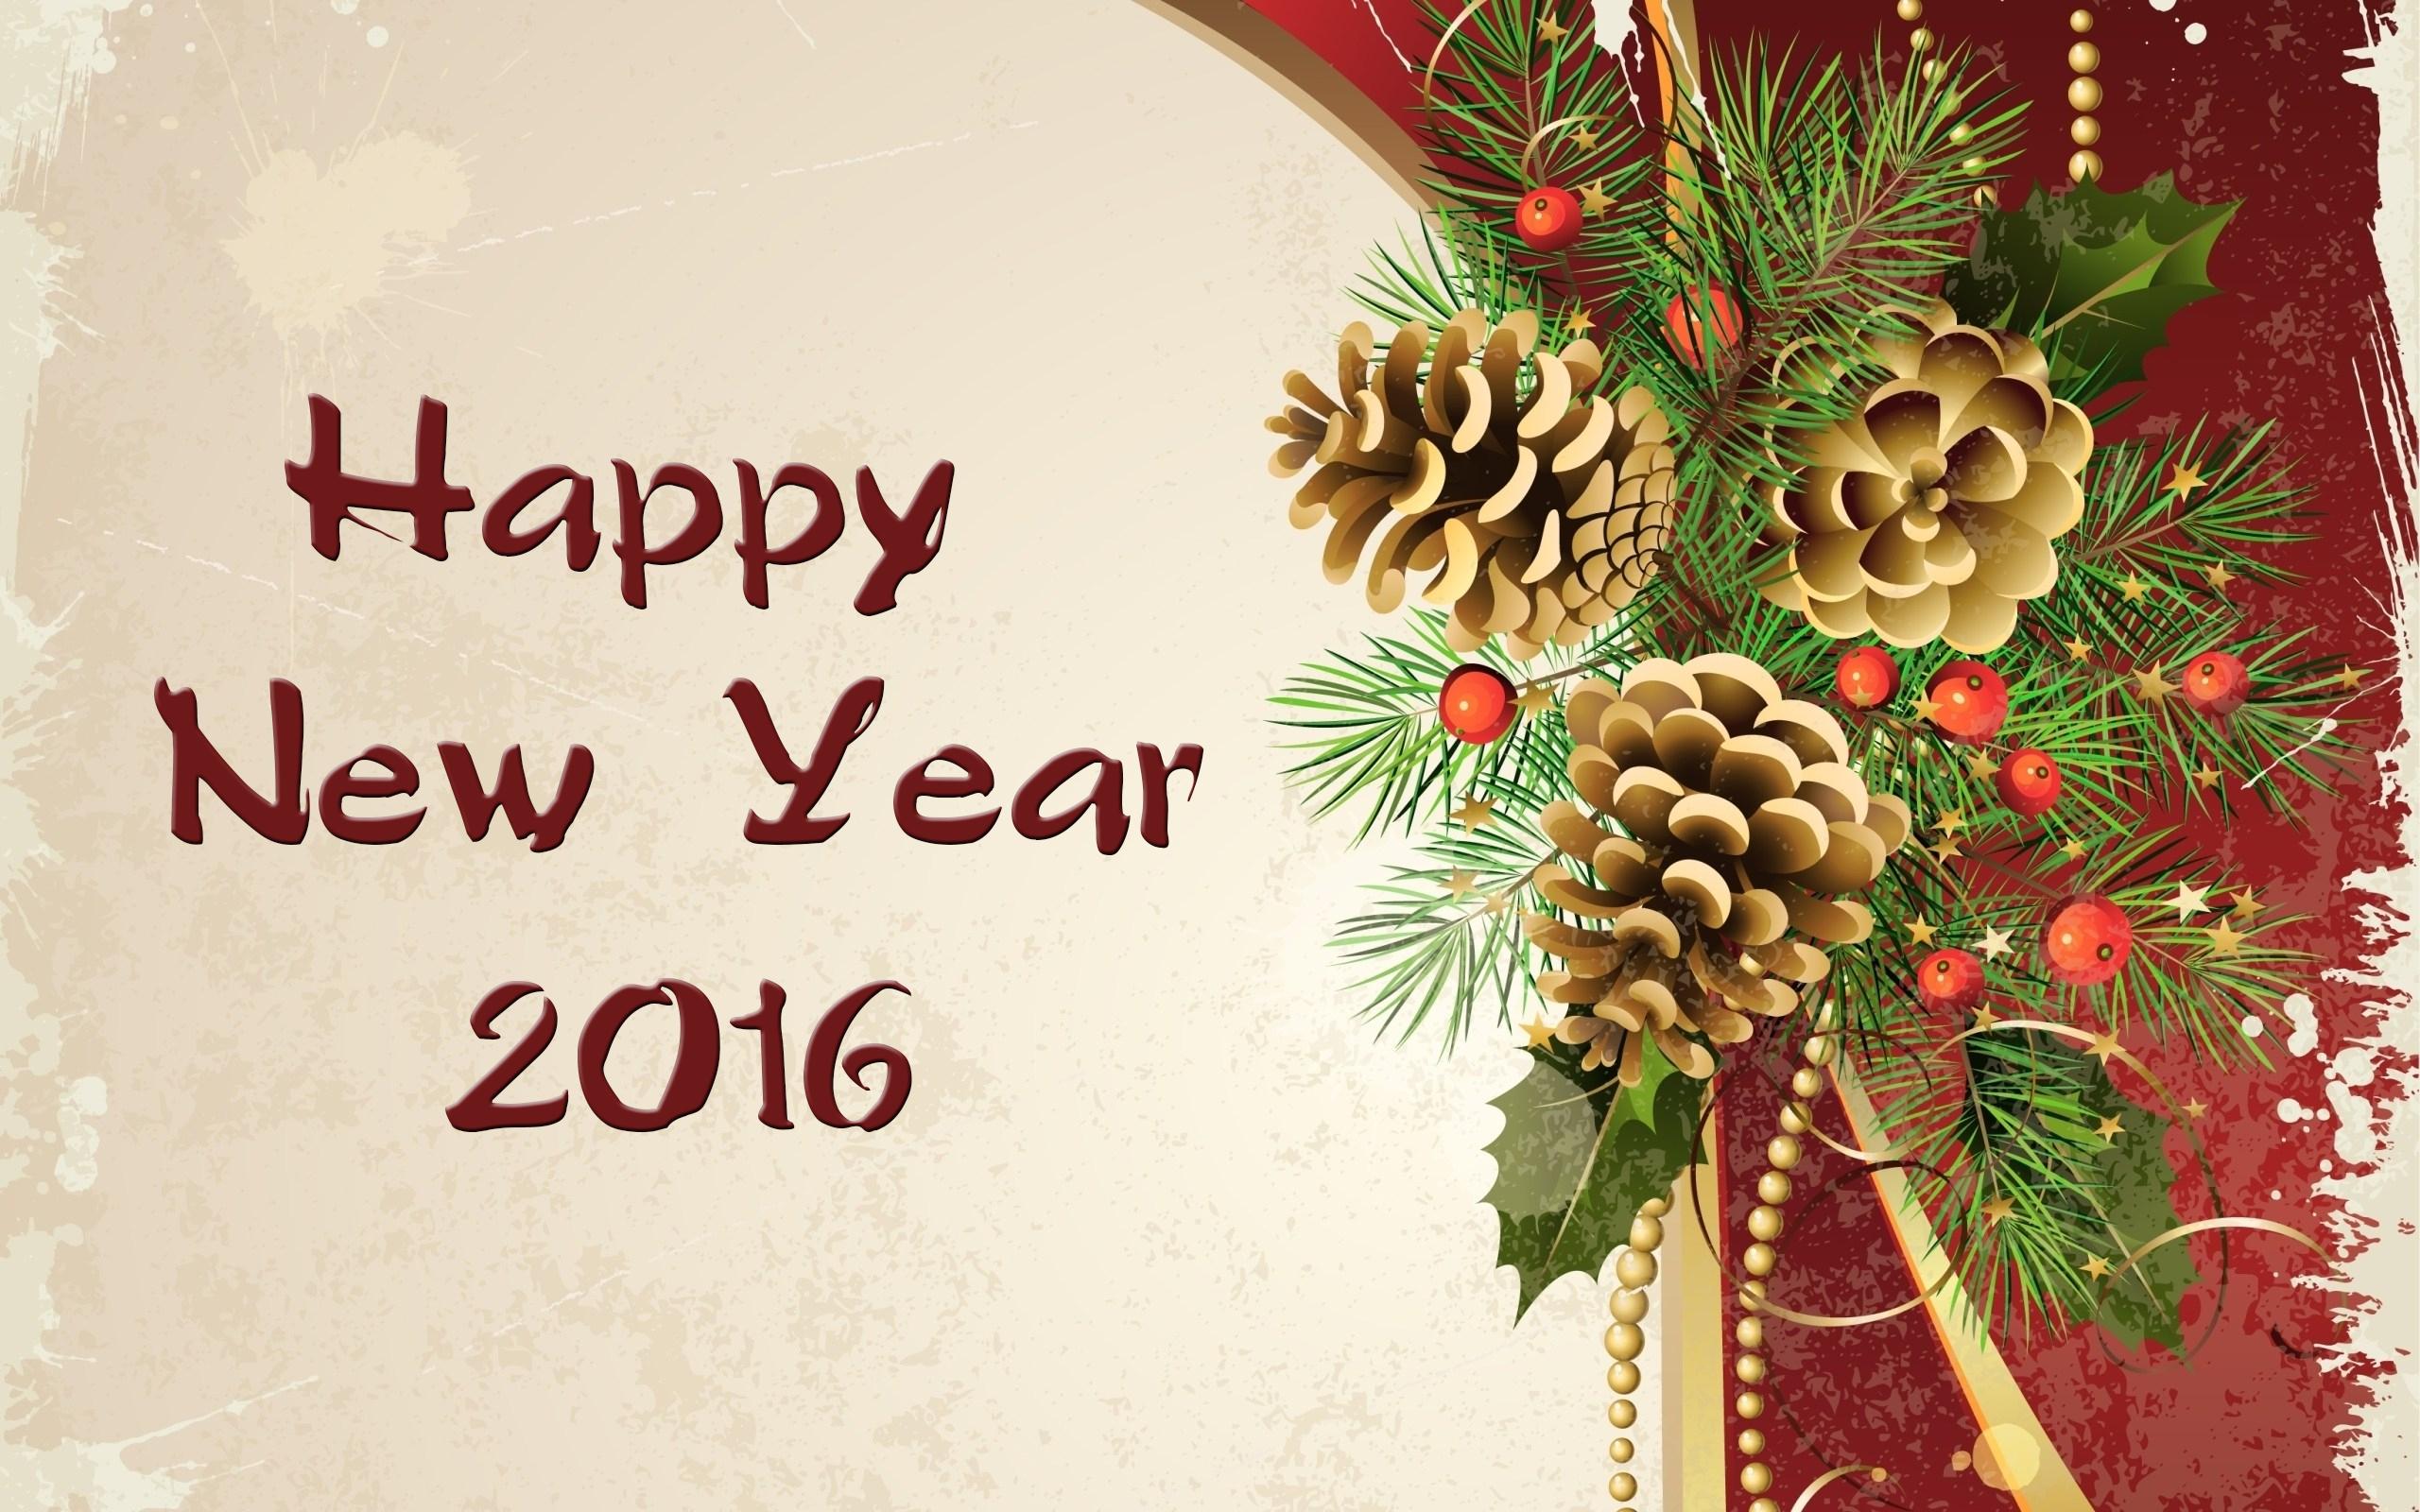 С новым годом как будет по английски